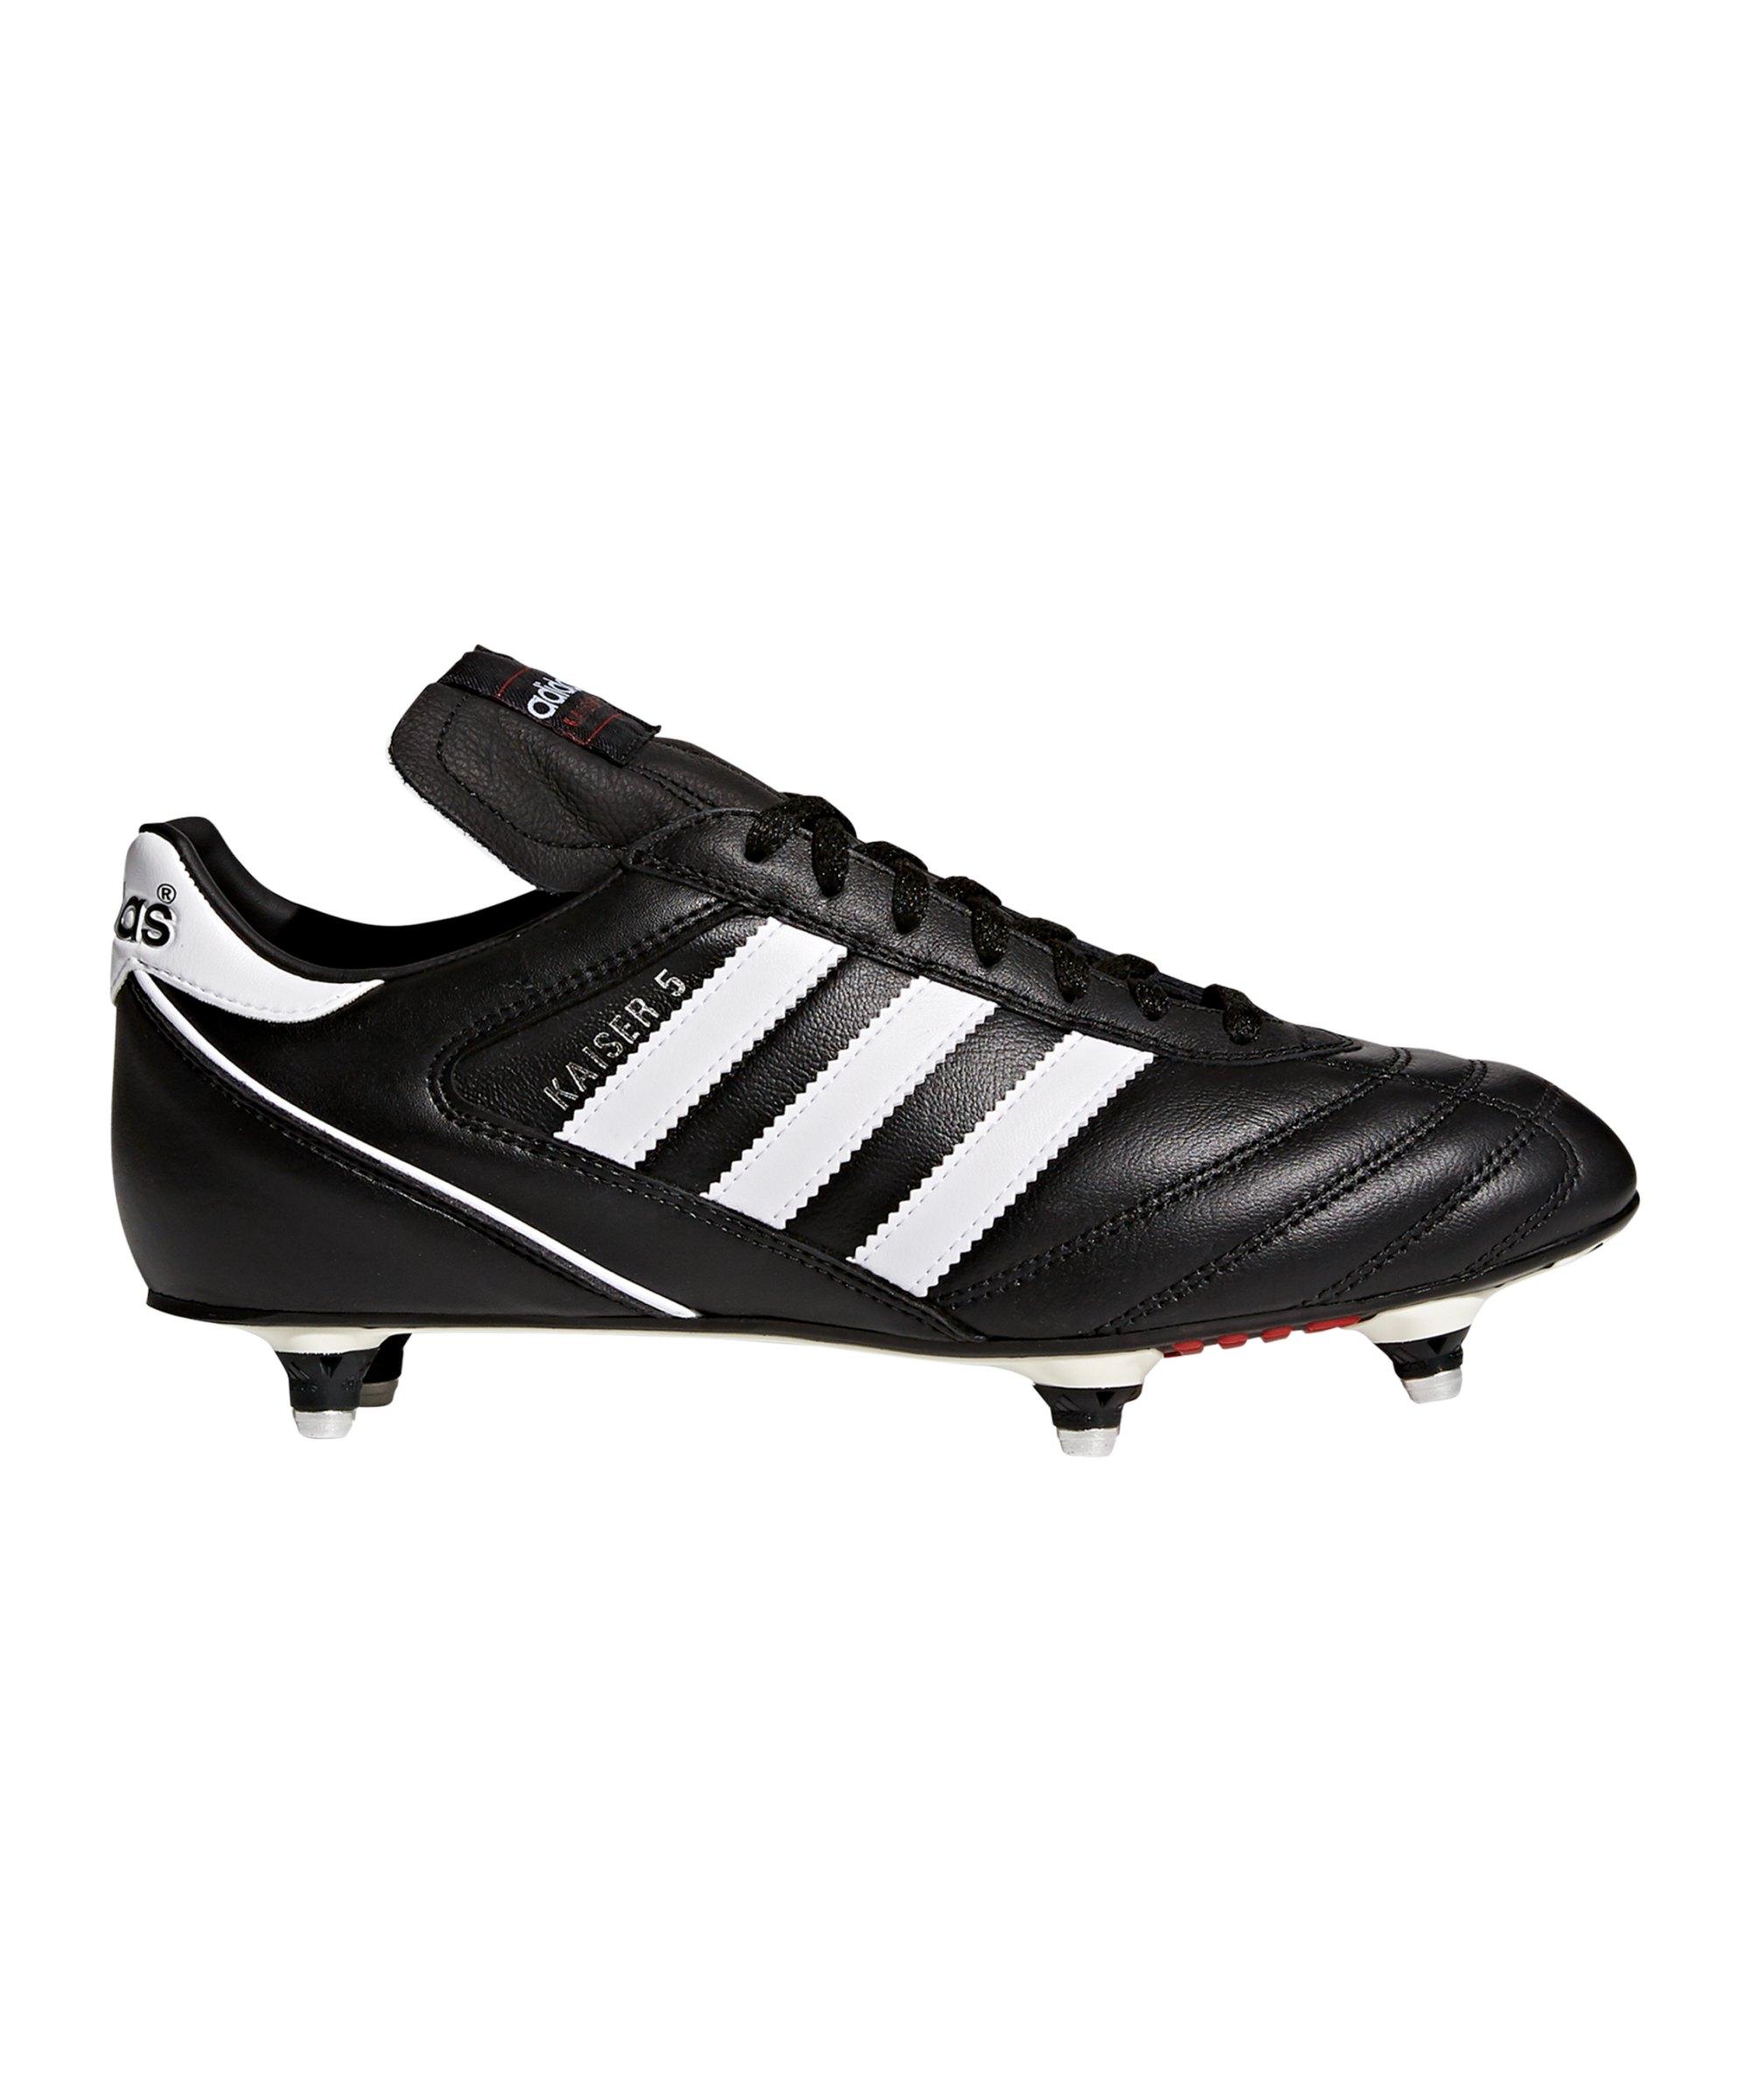 Fussballschuhe adidas TELSTAR, Größe 45,5, Stollen Sohle